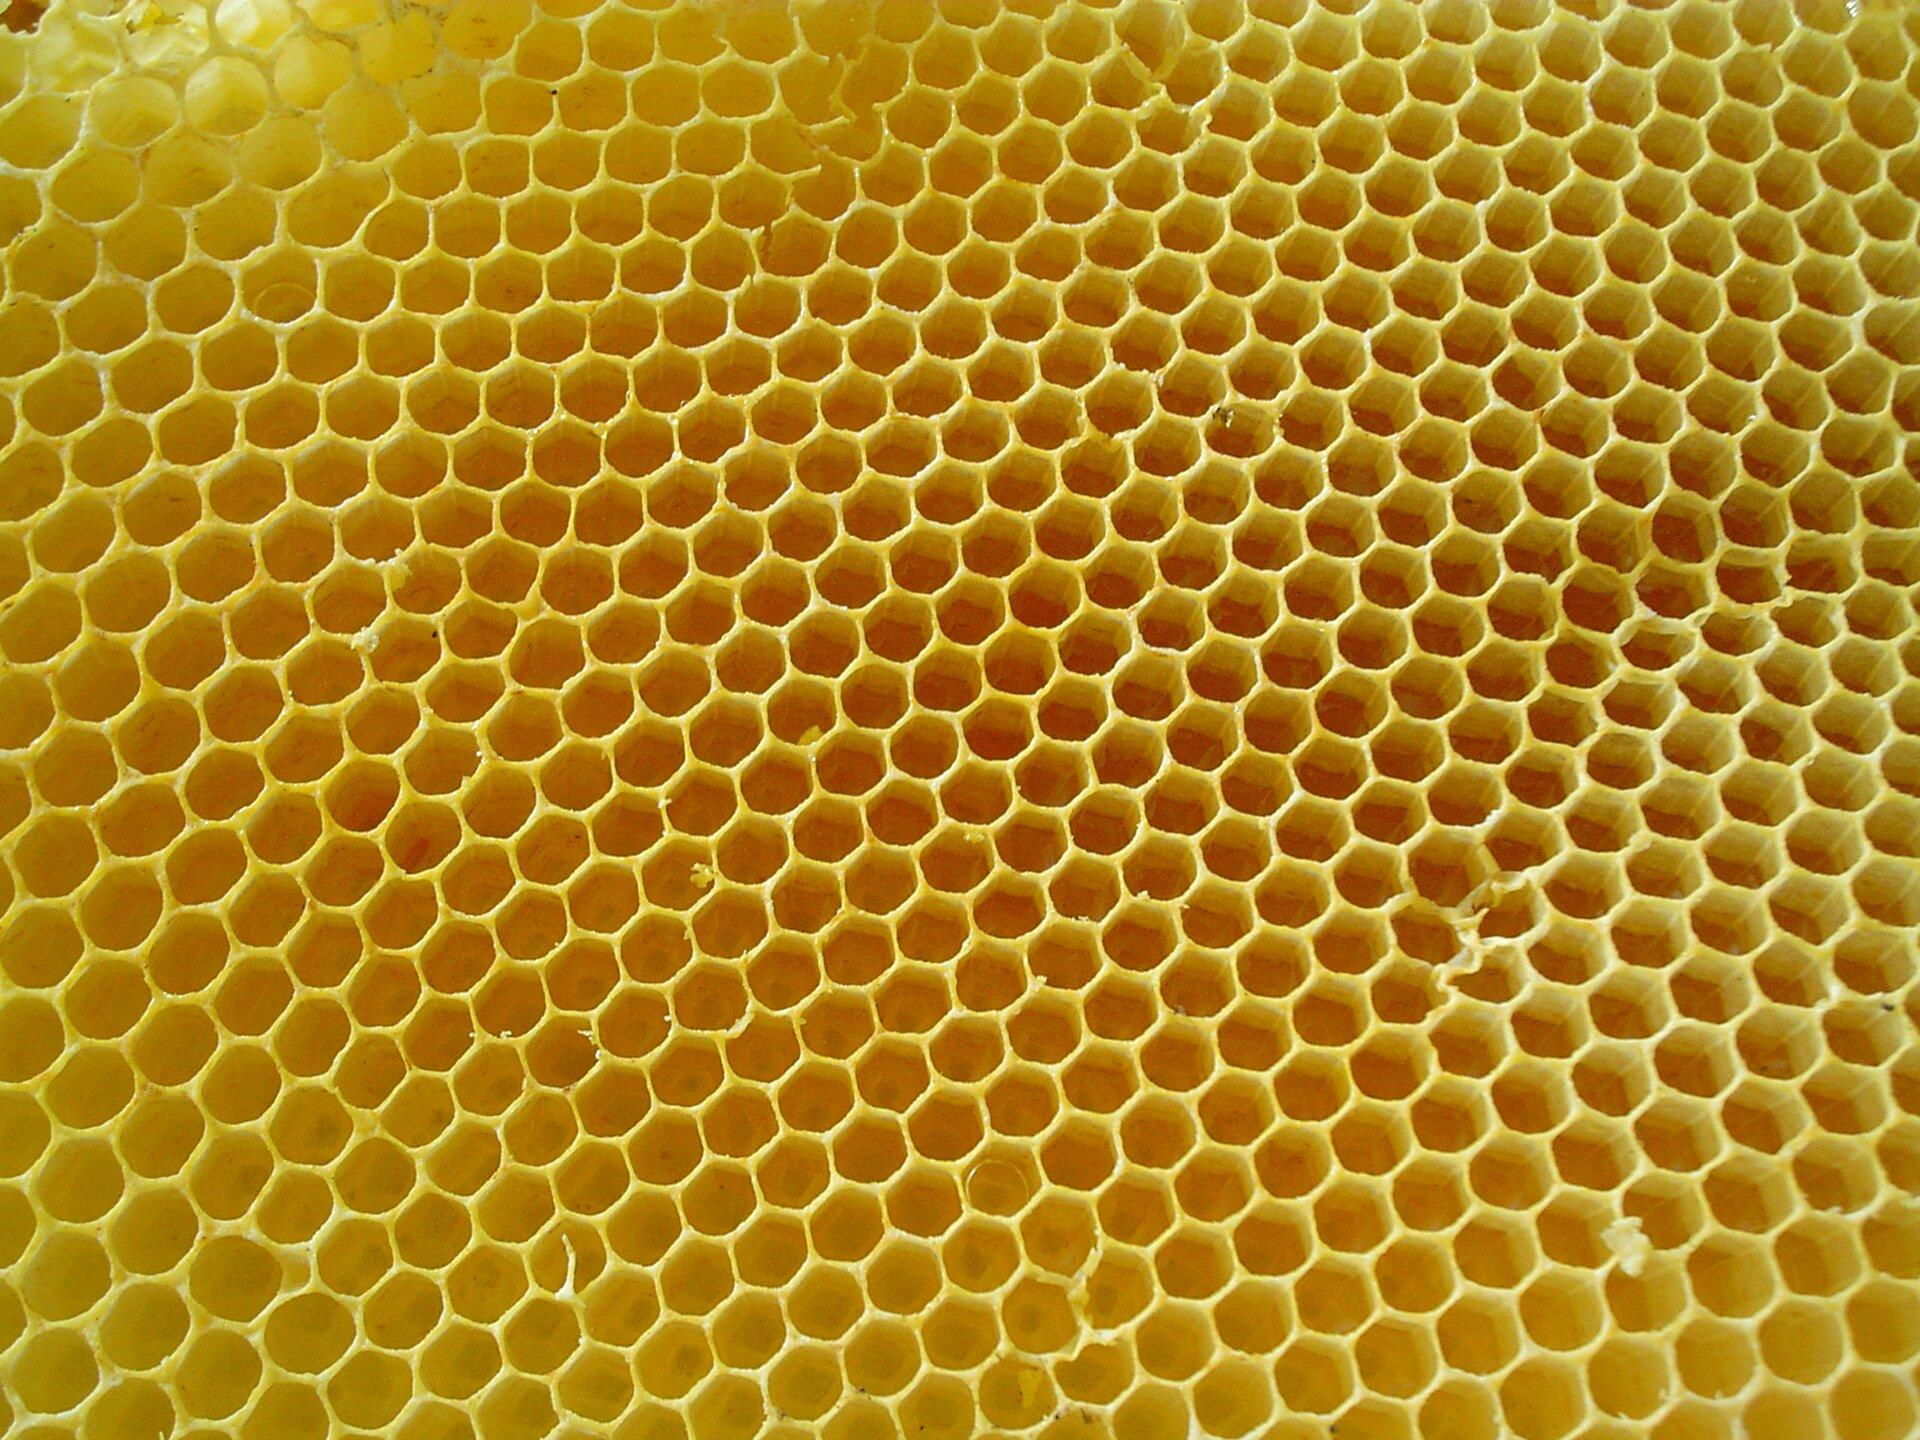 Zdjęcie przedstawia duży plaster miodu. Plaster miodu ma kolor żółty. Cała powierzchnia plastra miodu jest podzielona na przylegające do siebie otworki. Liczne otworki mają kształt sześciokątów. Całość tworzy sieć sześciokątów gęsto ułożonych symetrycznie obok siebie.